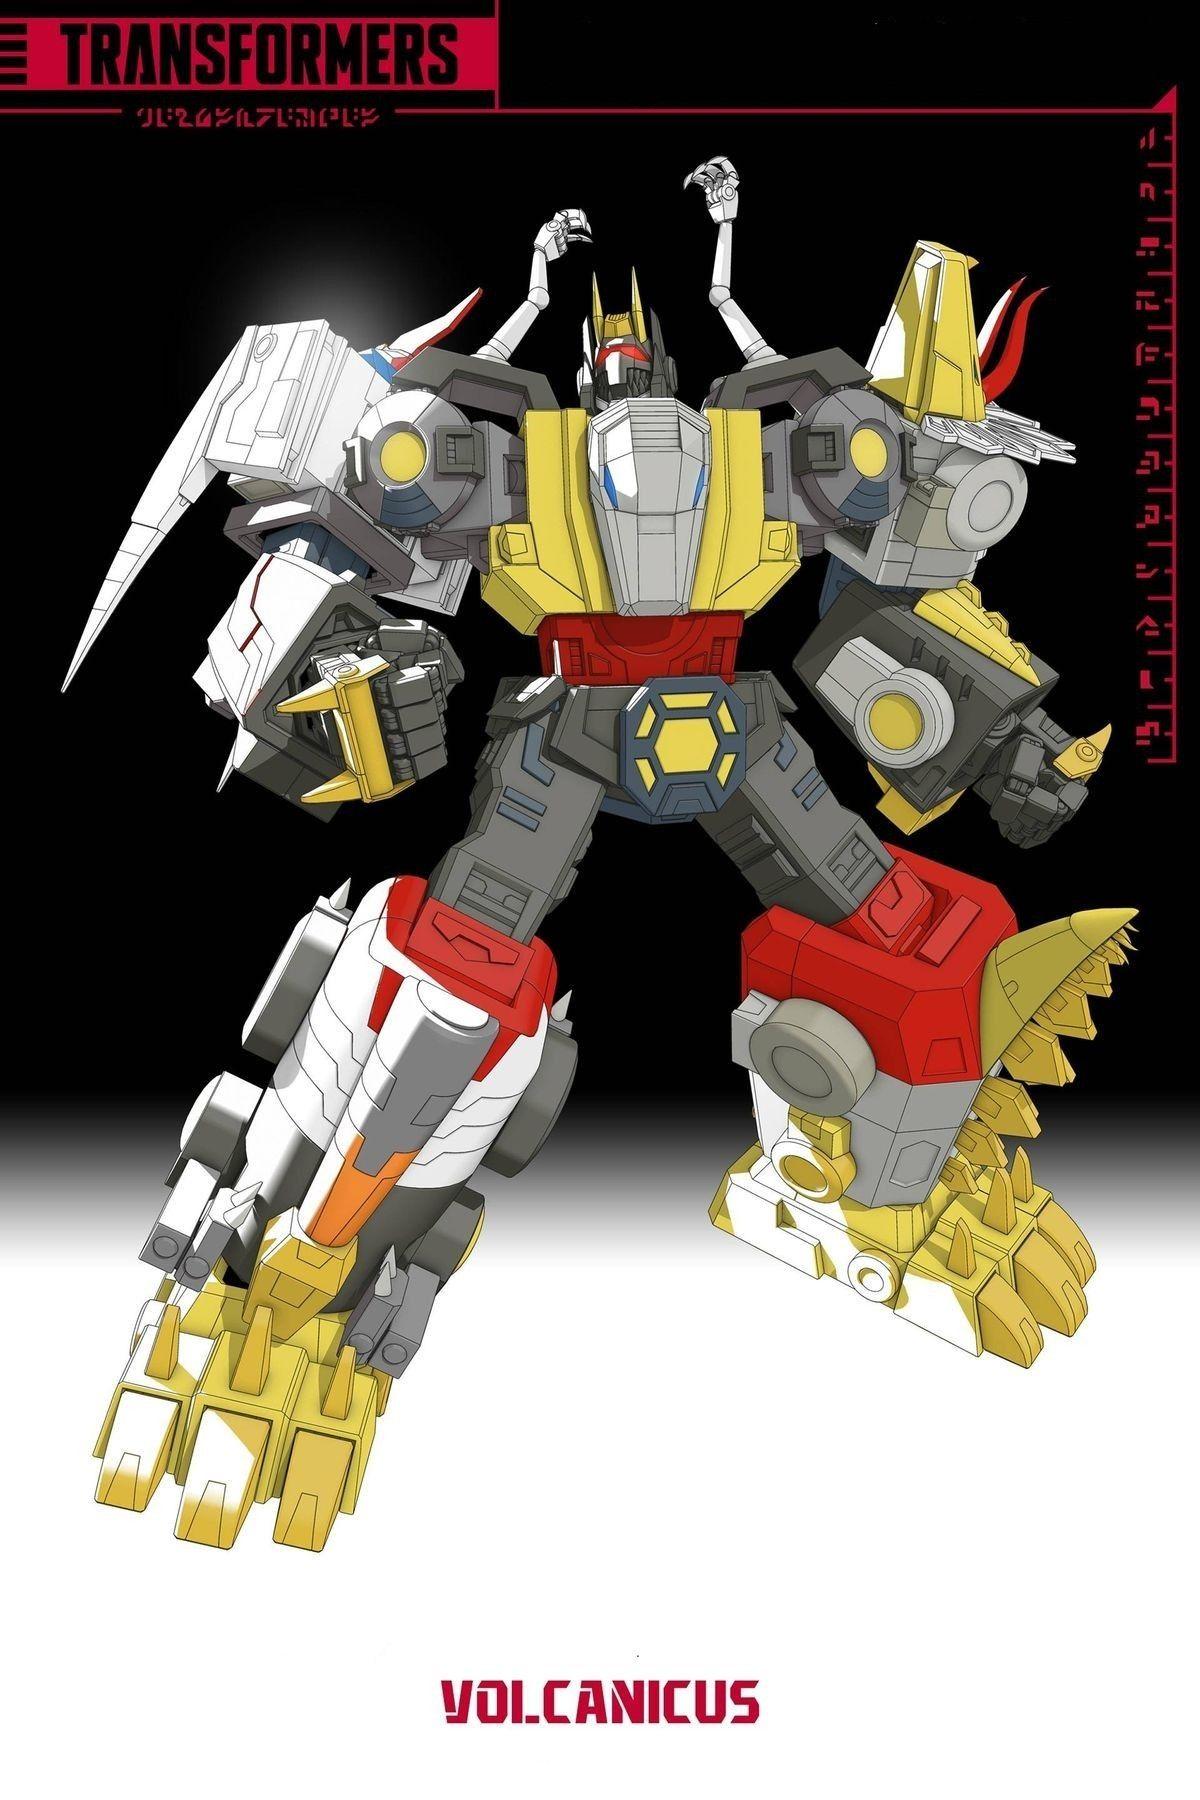 Volcanicus Transformers Transformers Artwork Transformers Design